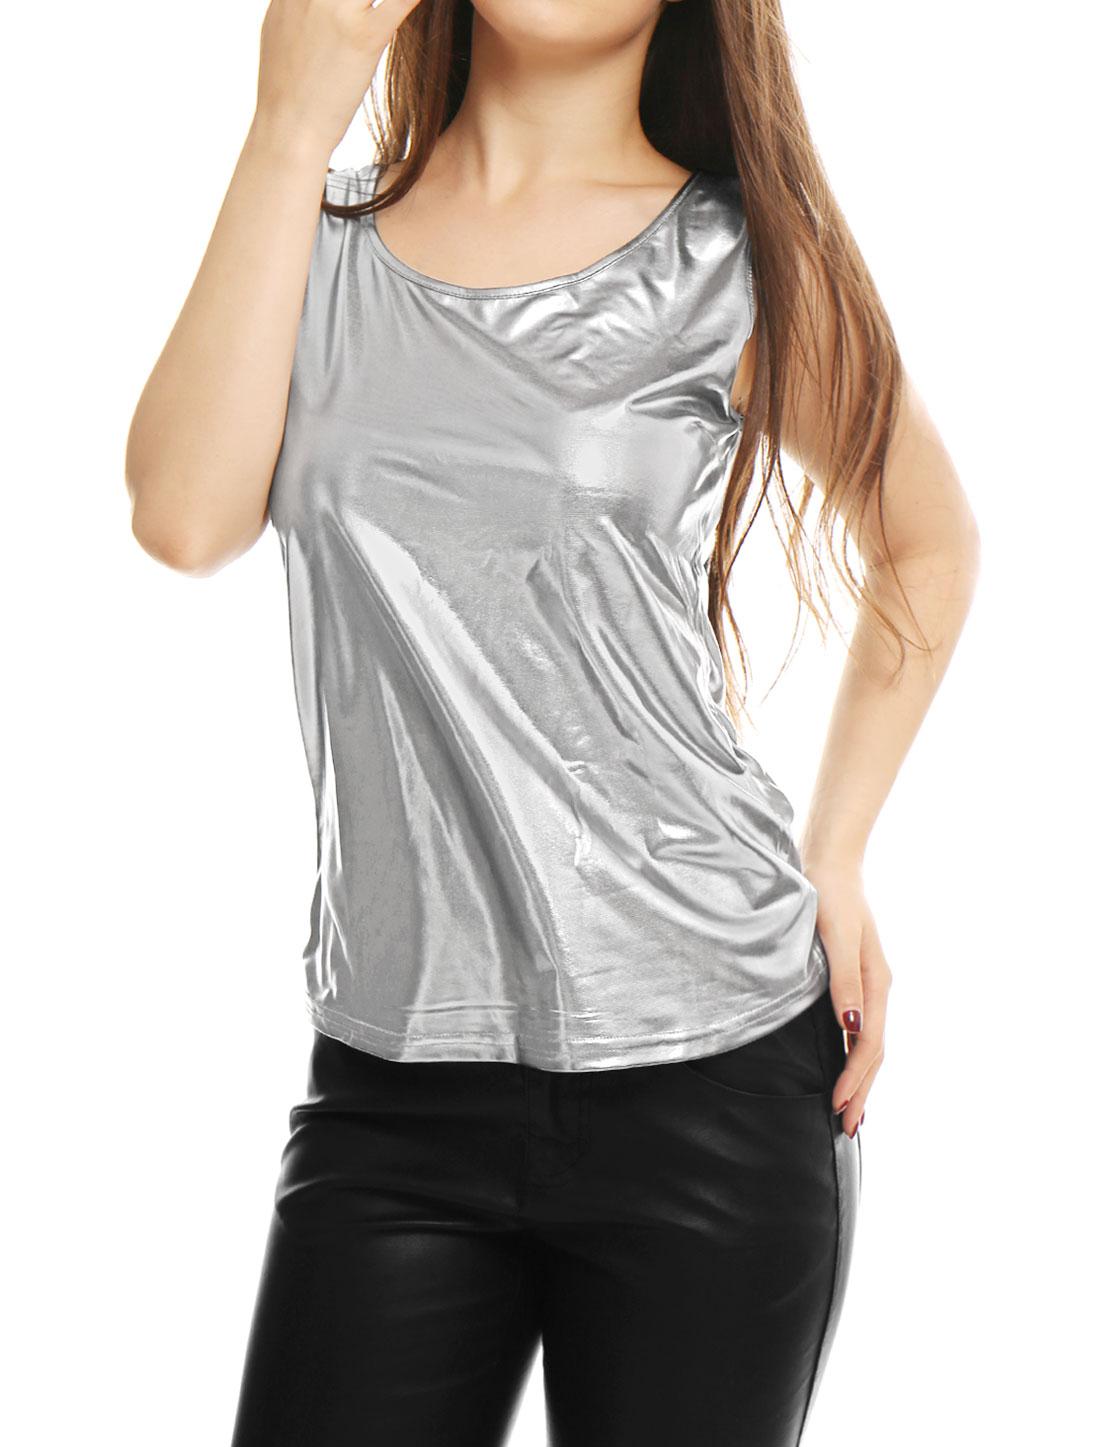 d120af72073e Unique Bargains Women's U Neck Stretchy Slim Fit Metallic Tank Top Silver ( Size L /